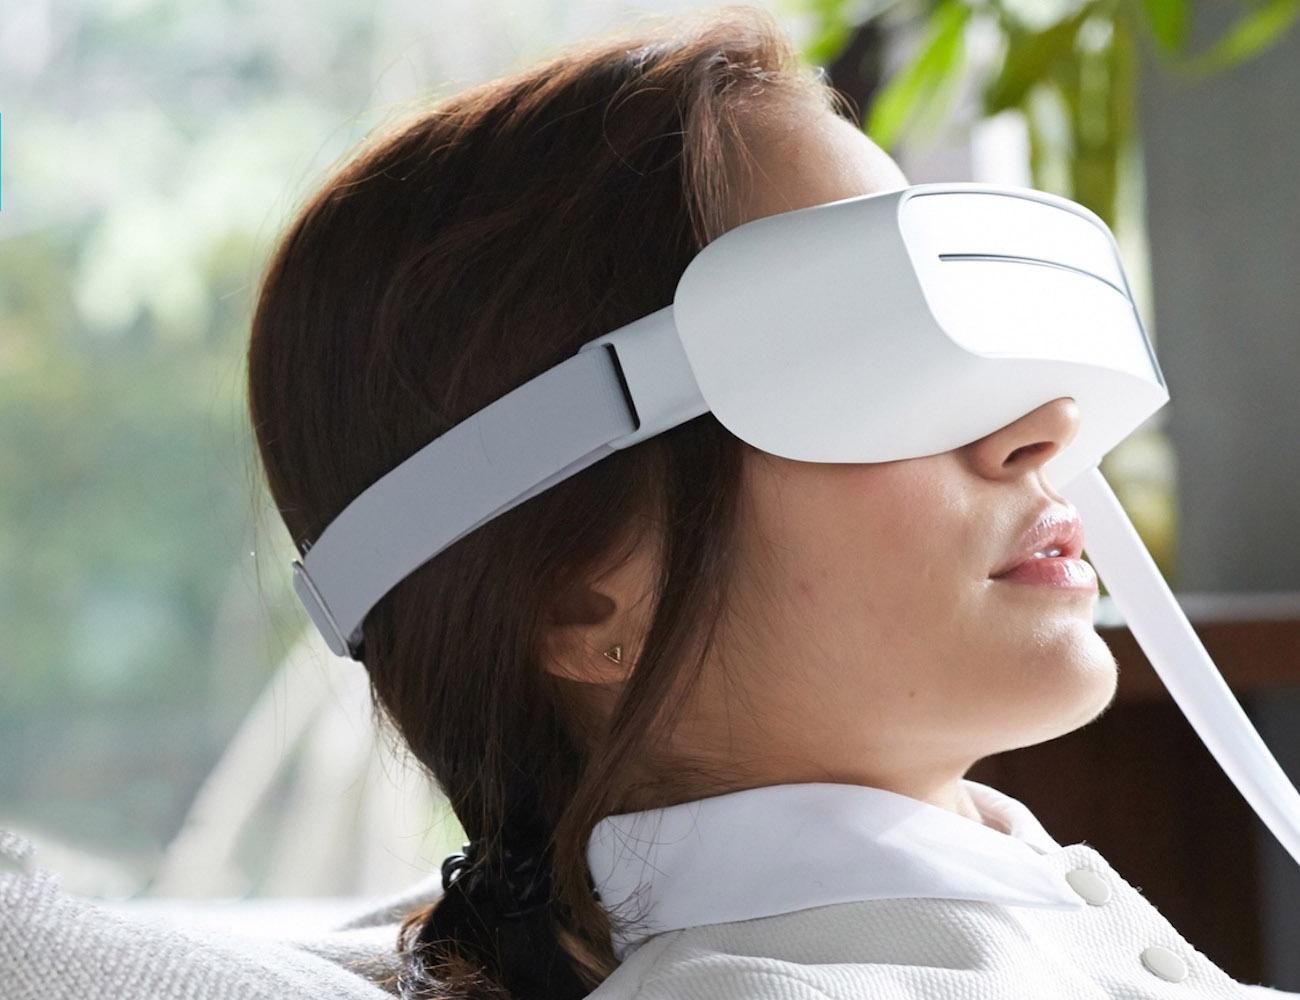 Aurai Water-Propelled Eye Massager